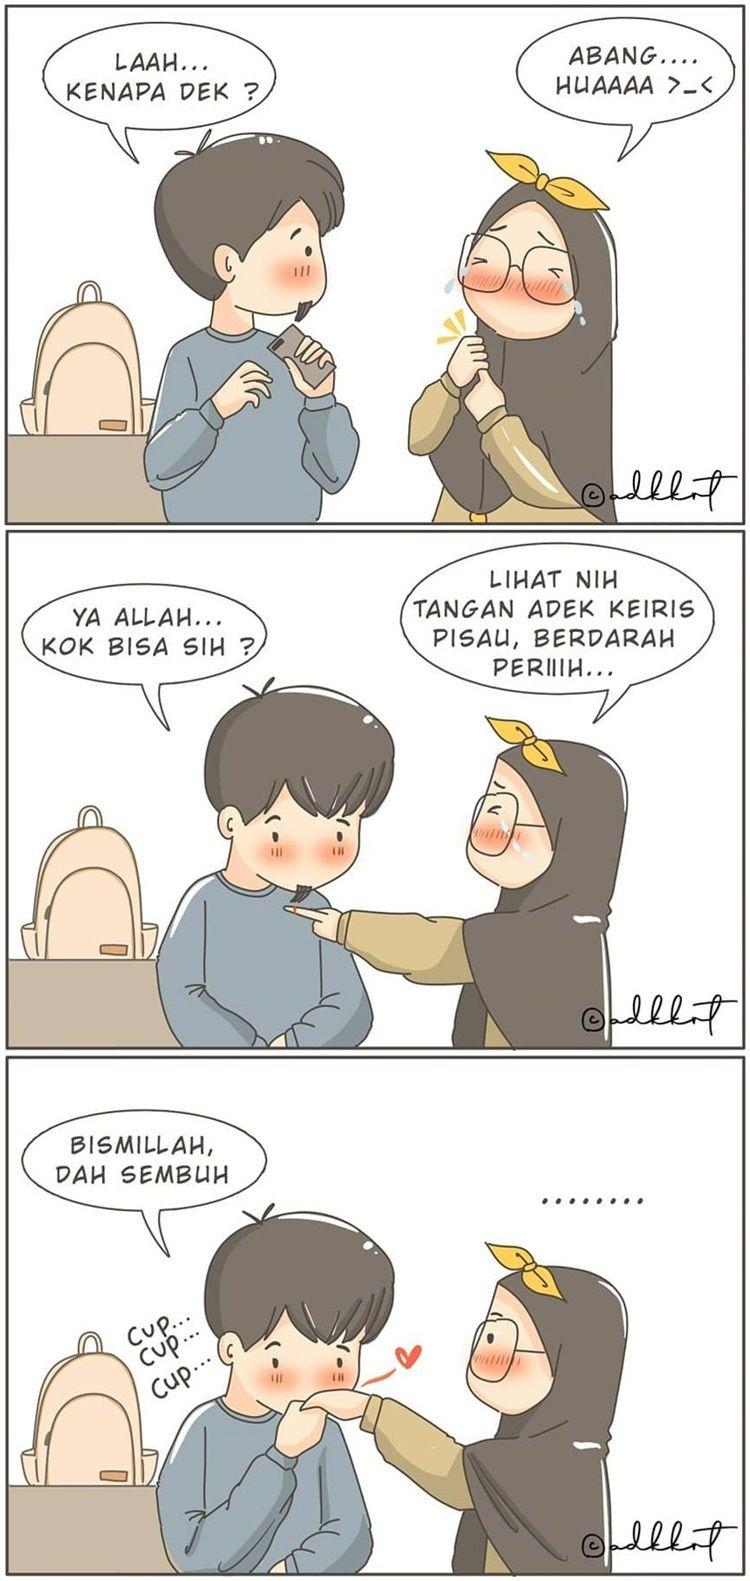 9 Ilustrasi Lucu Kehidupan Perempuan Muslim & Suaminya